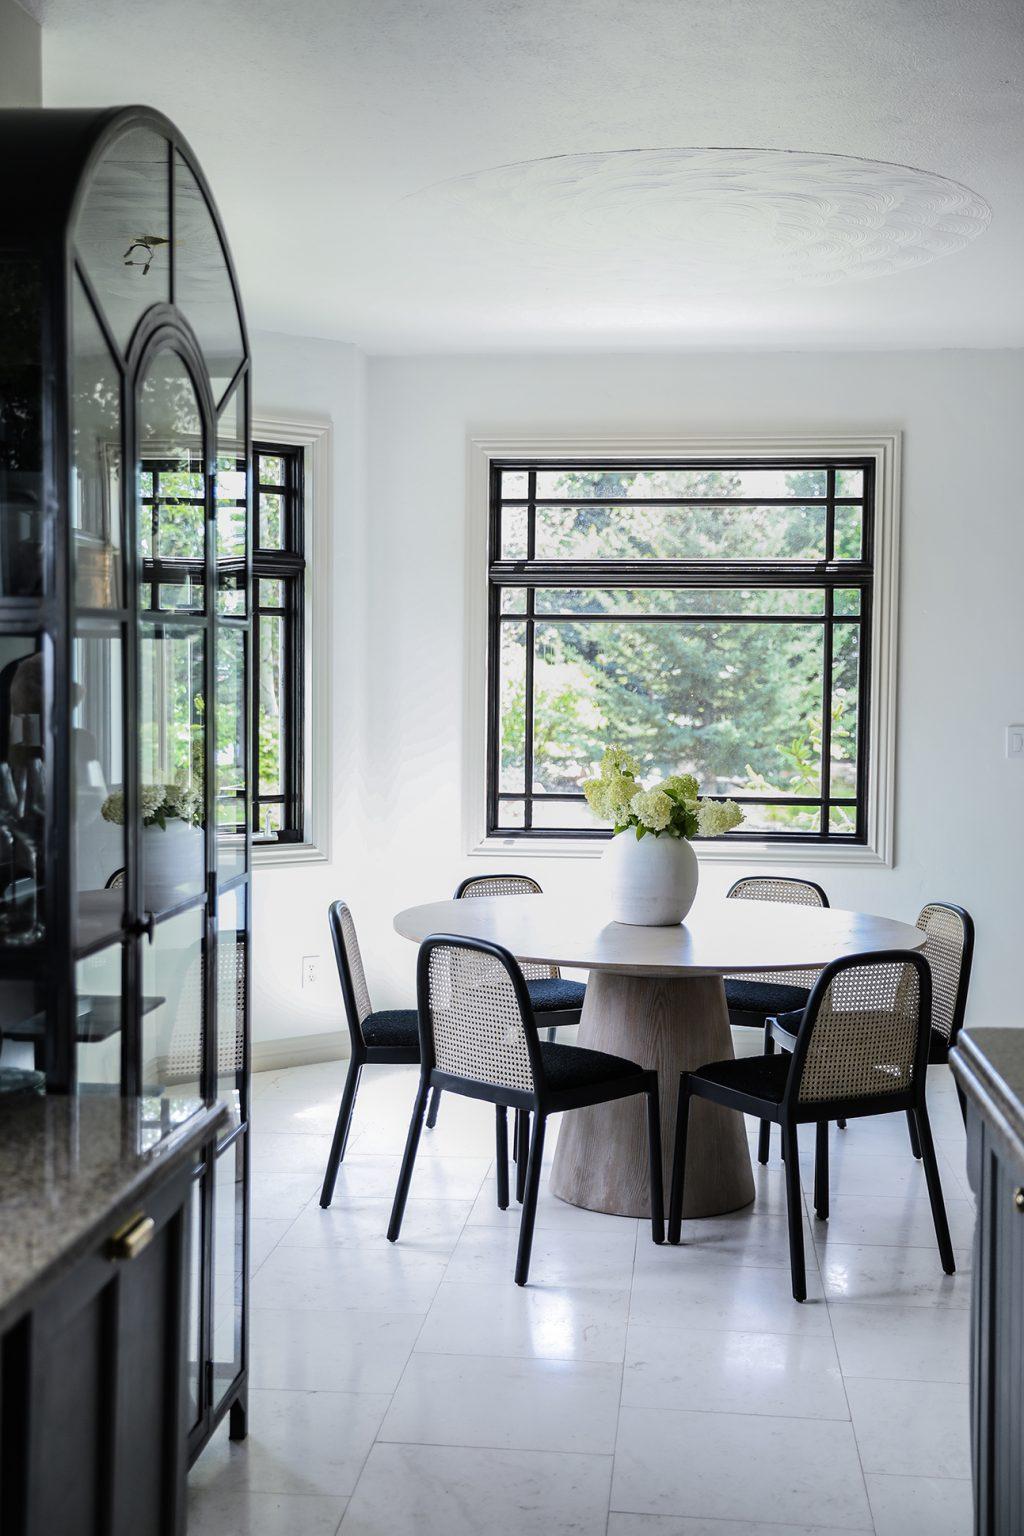 Budget Friendly modern cottage kitchen7.jpg